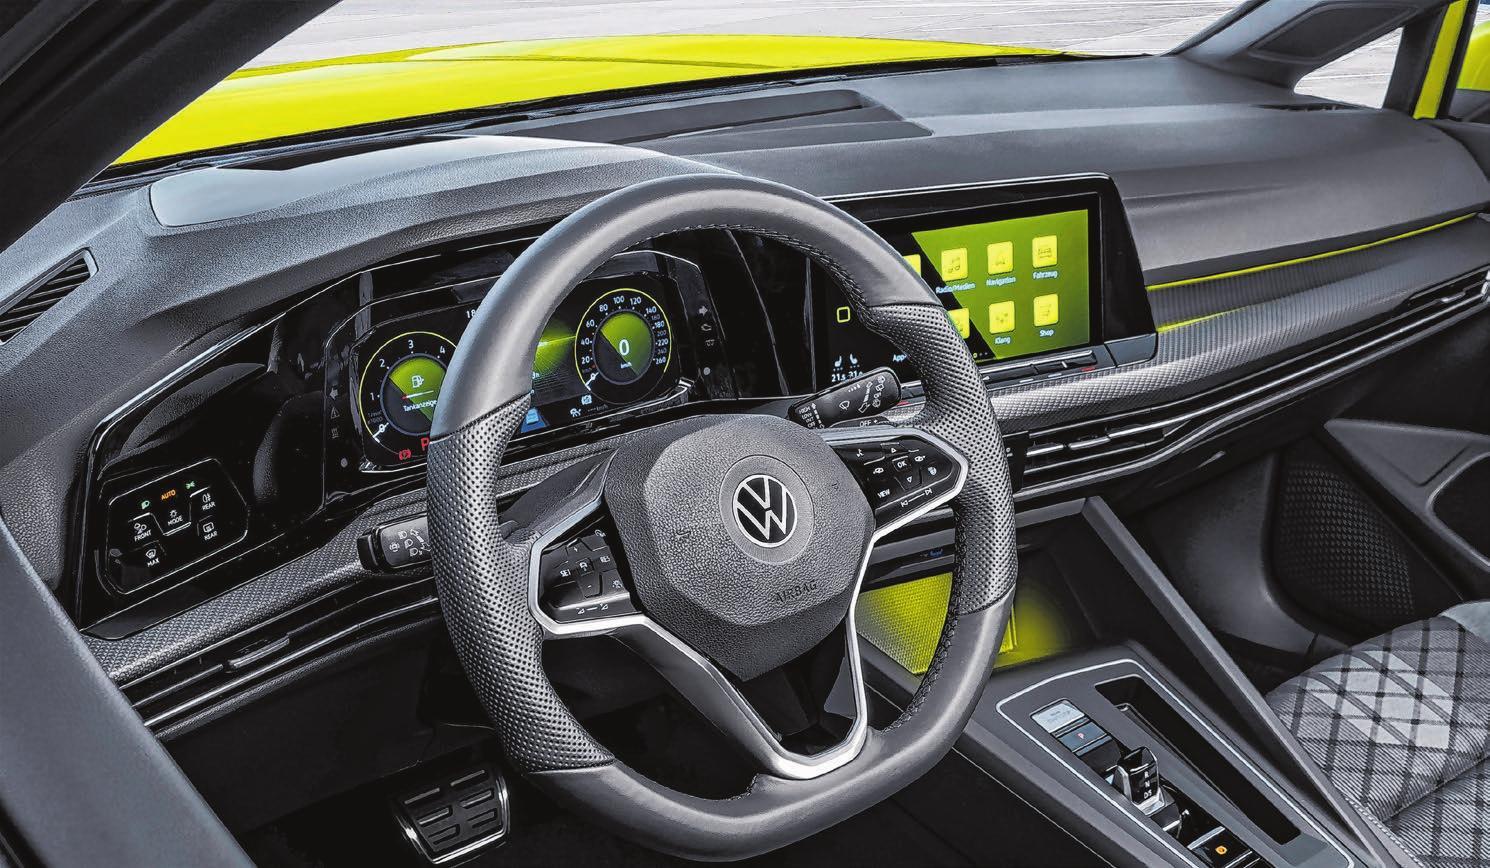 Einsteigen und Platz nehmen zur Probefahrt: Im Autohaus Koch gibt es mehrere Möglichkeiten, um sich den Wunsch nach einem neuen Fahrzeug zu erfüllen. Foto: Volkswagen